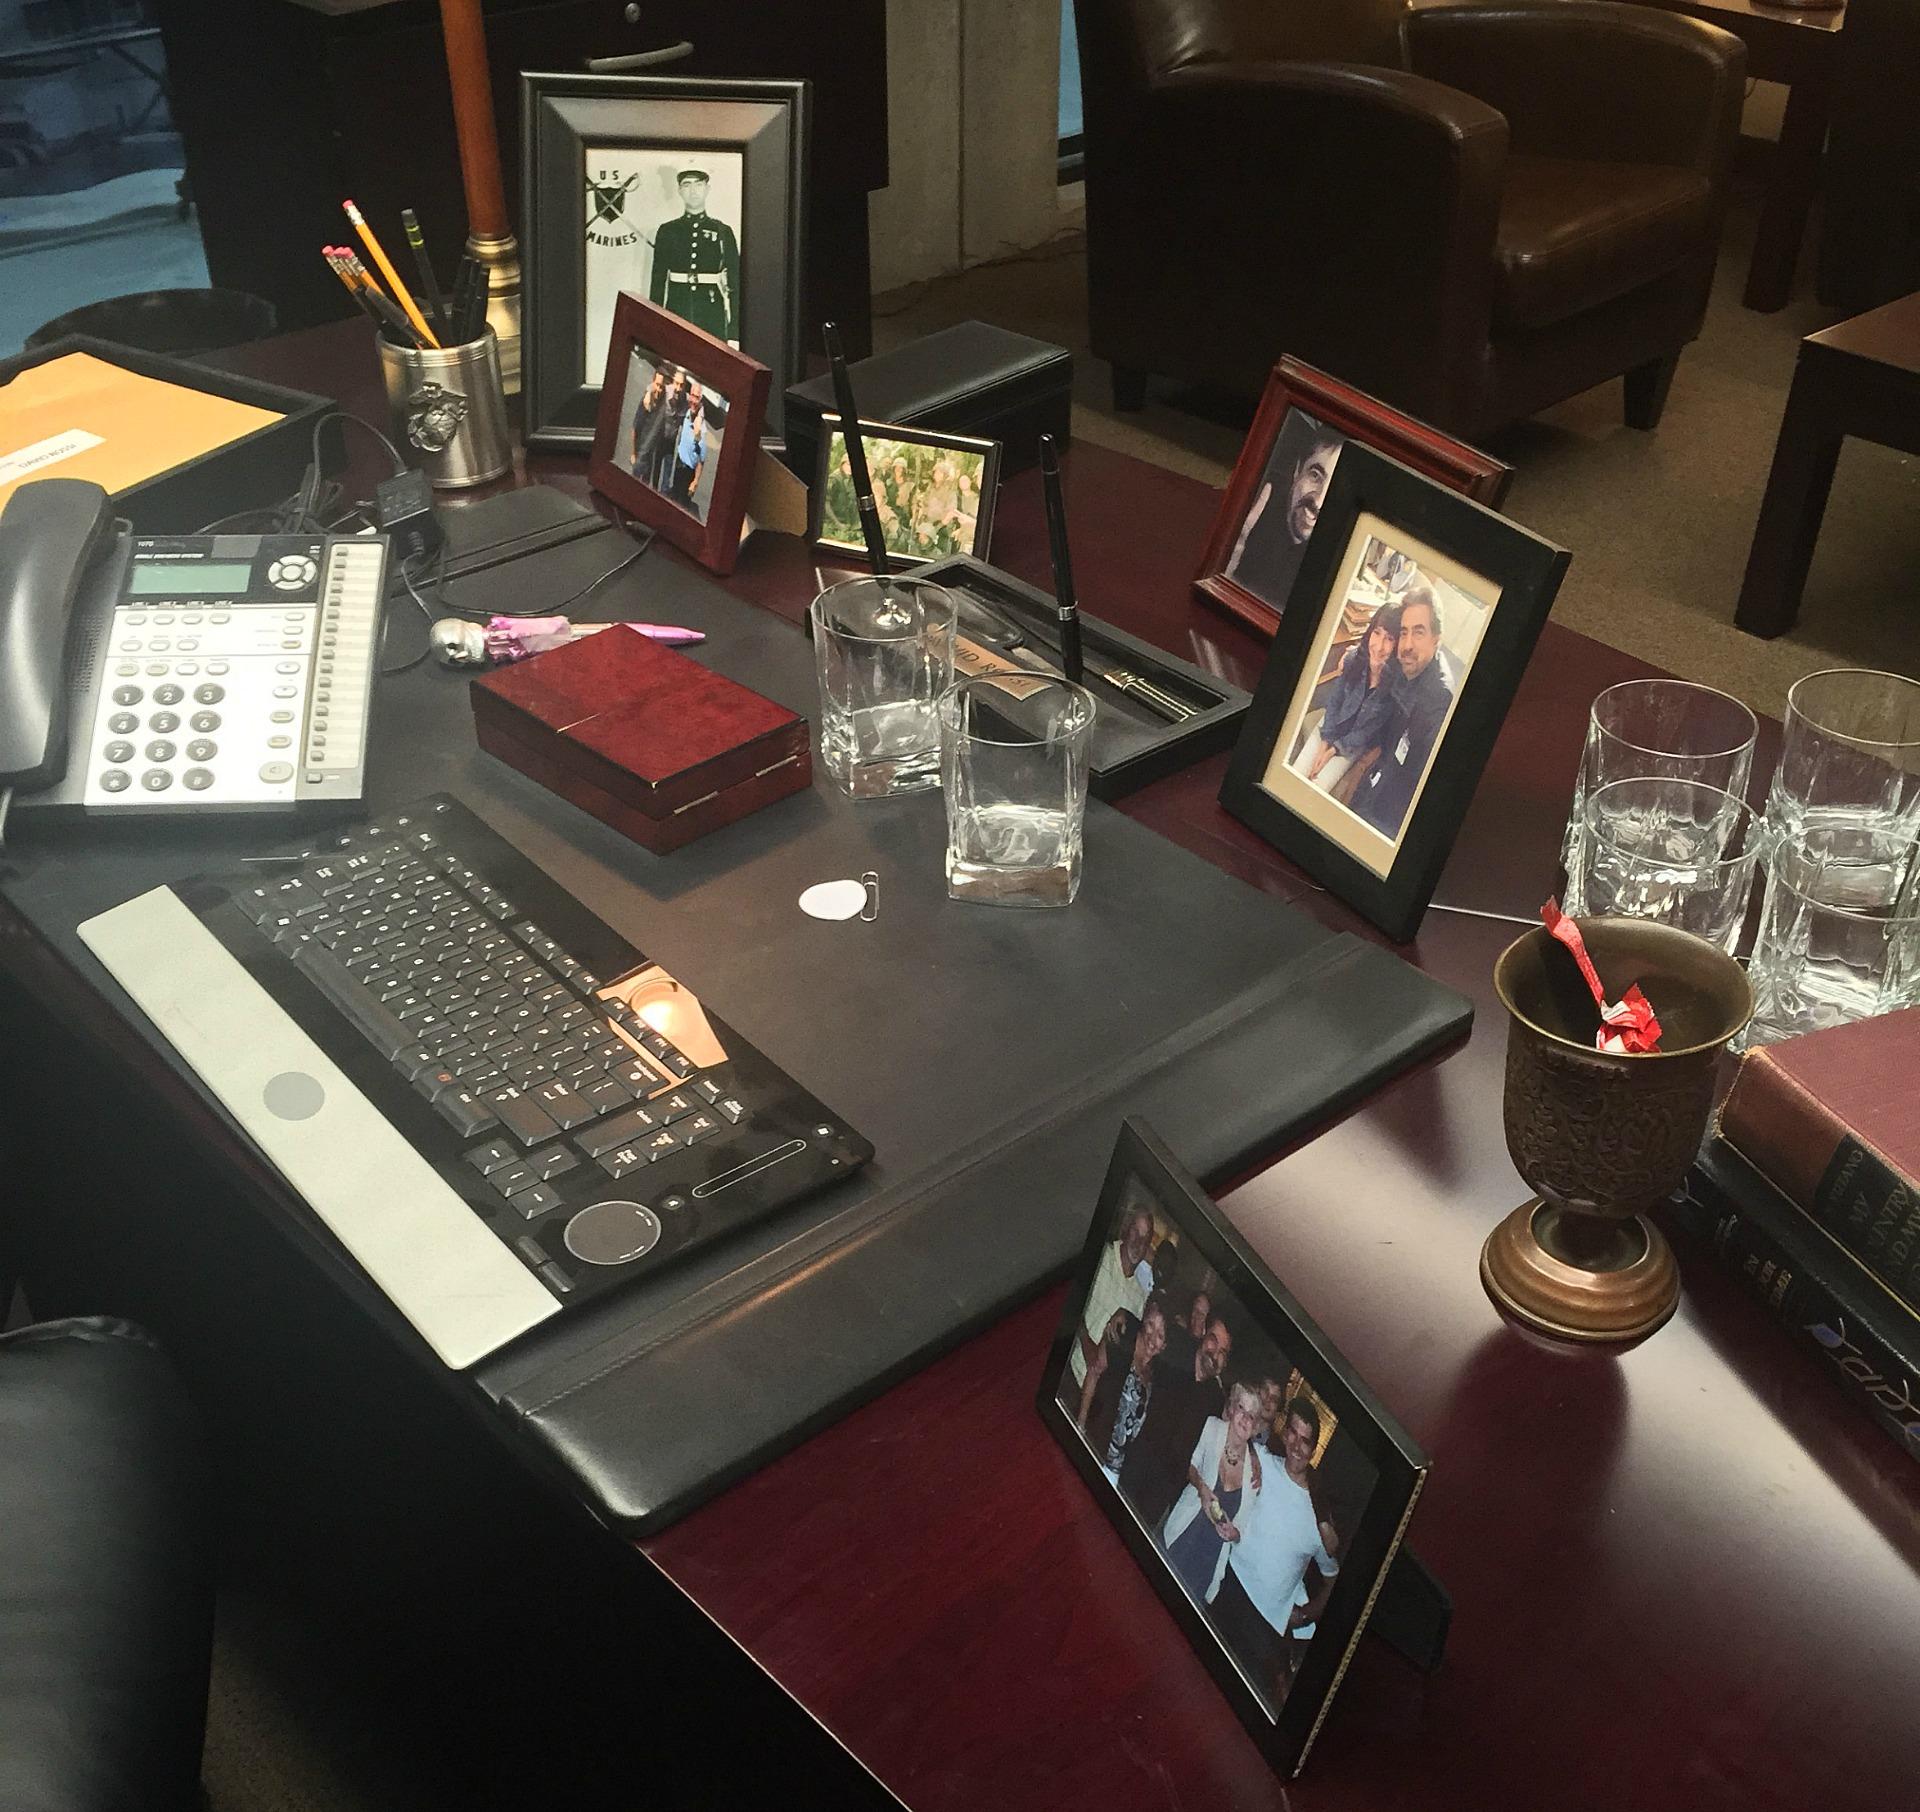 Take a look at David's desk